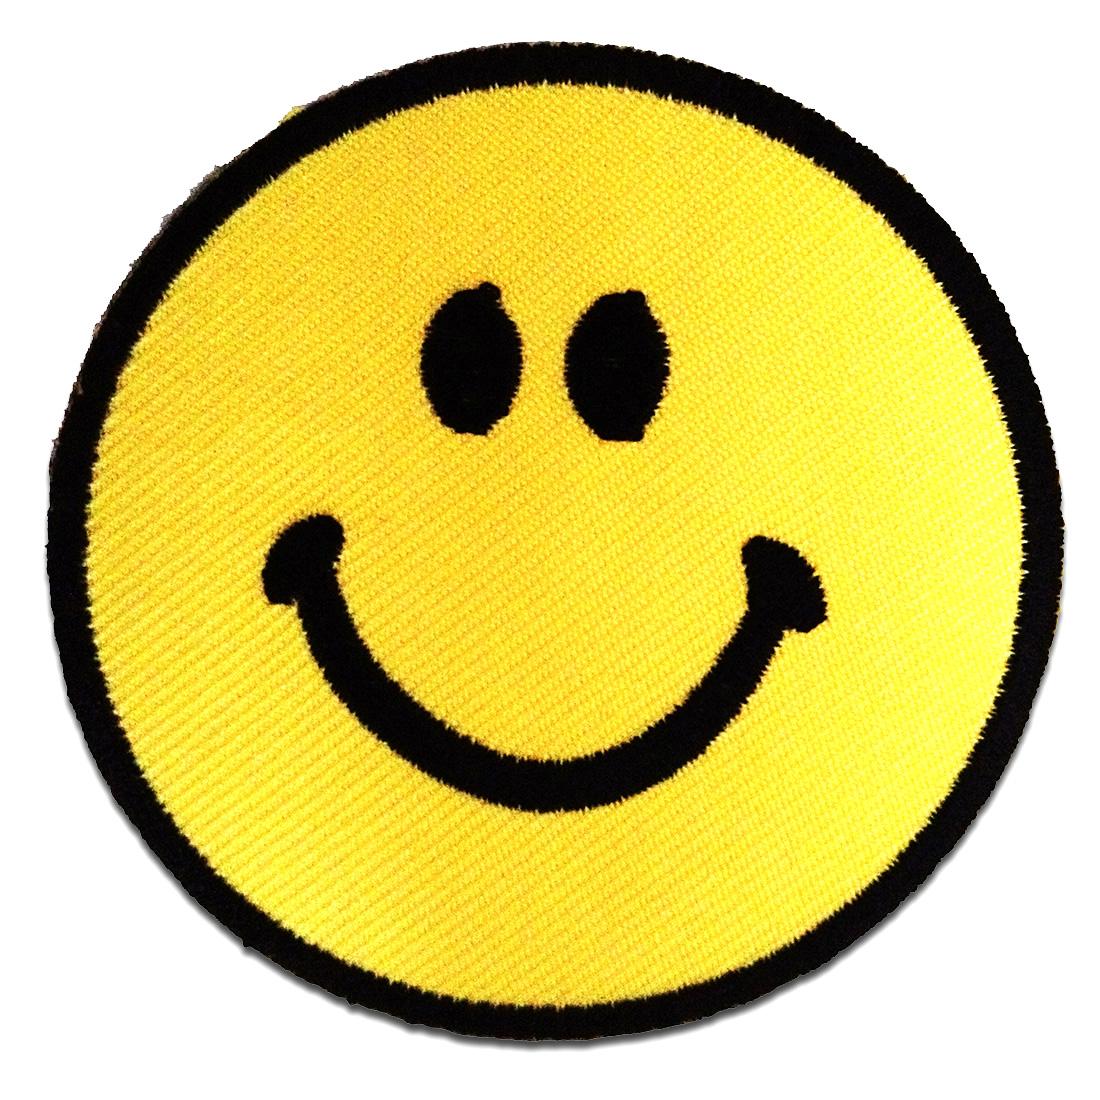 /'Smiley Aufnäher Patch /'/'/'/'/'/'7,5 x 7,5 cm/'/'/'/' Patches Aufbügeln/'